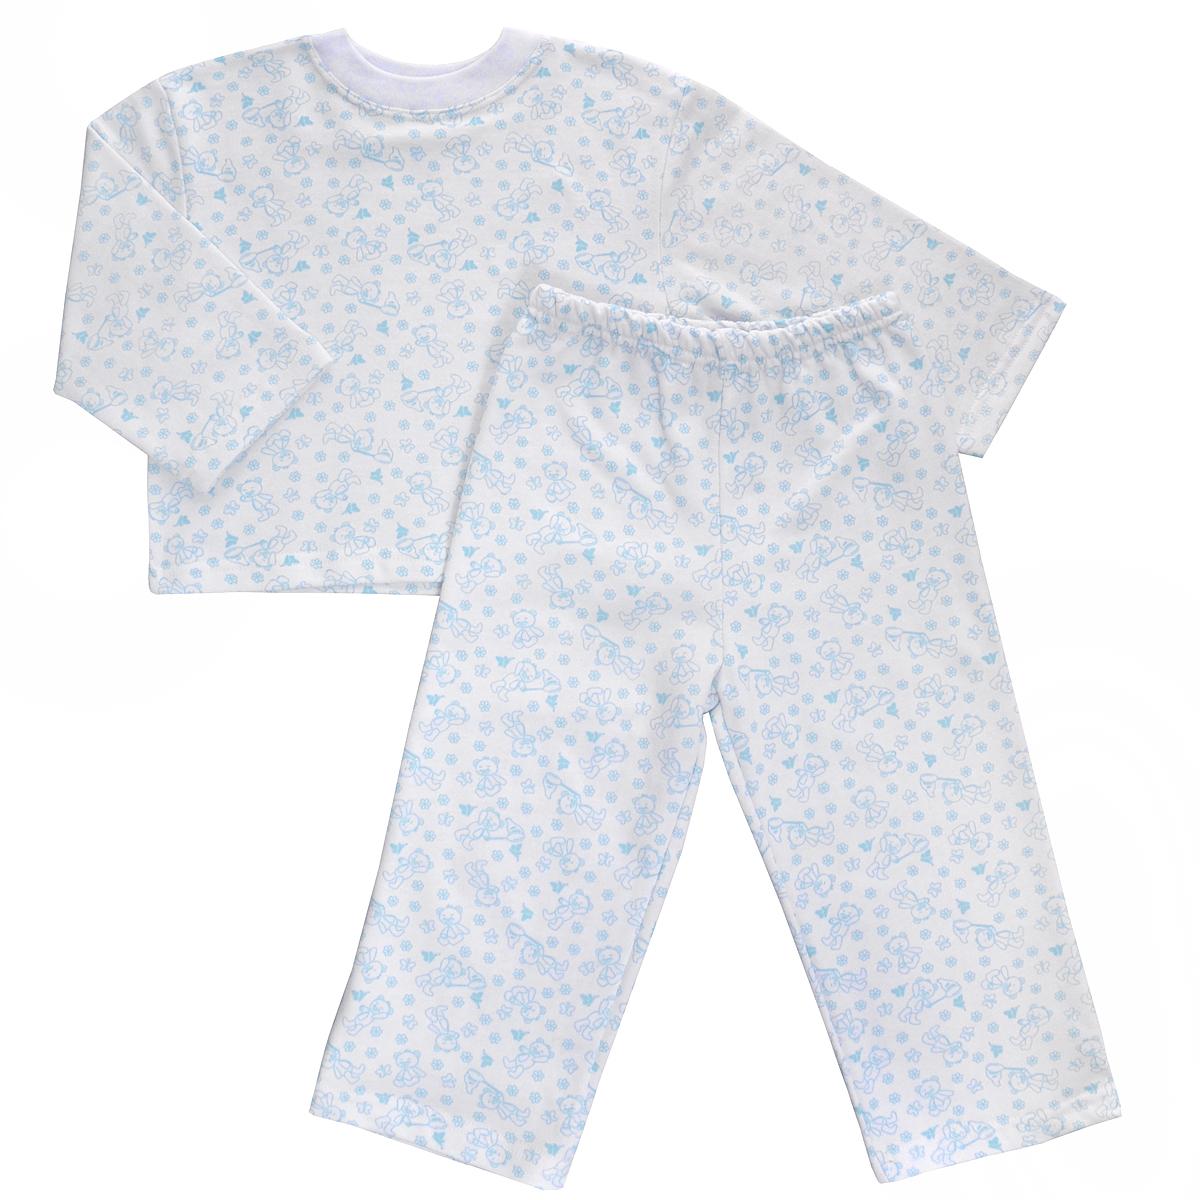 Пижама детская Трон-плюс, цвет: белый, голубой, рисунок мишки. 5553. Размер 122/128, 7-10 лет